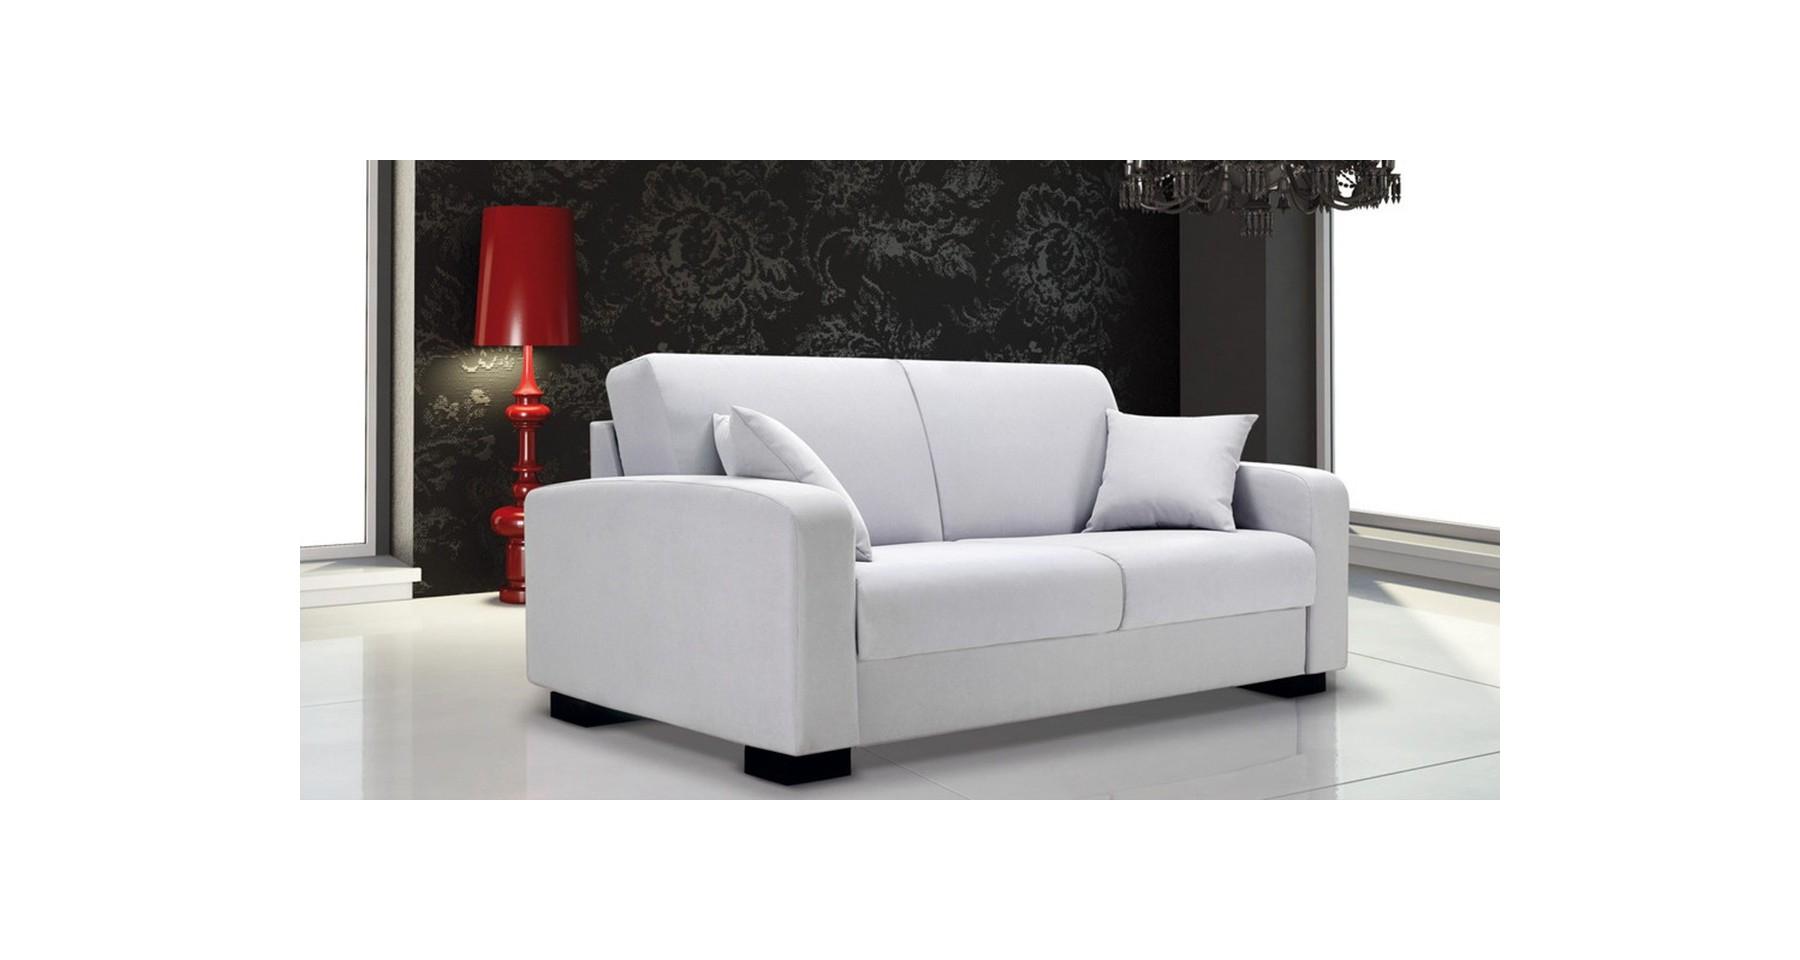 Canapé Leonardo fixe ou convertible haut de gamme Confort Plus